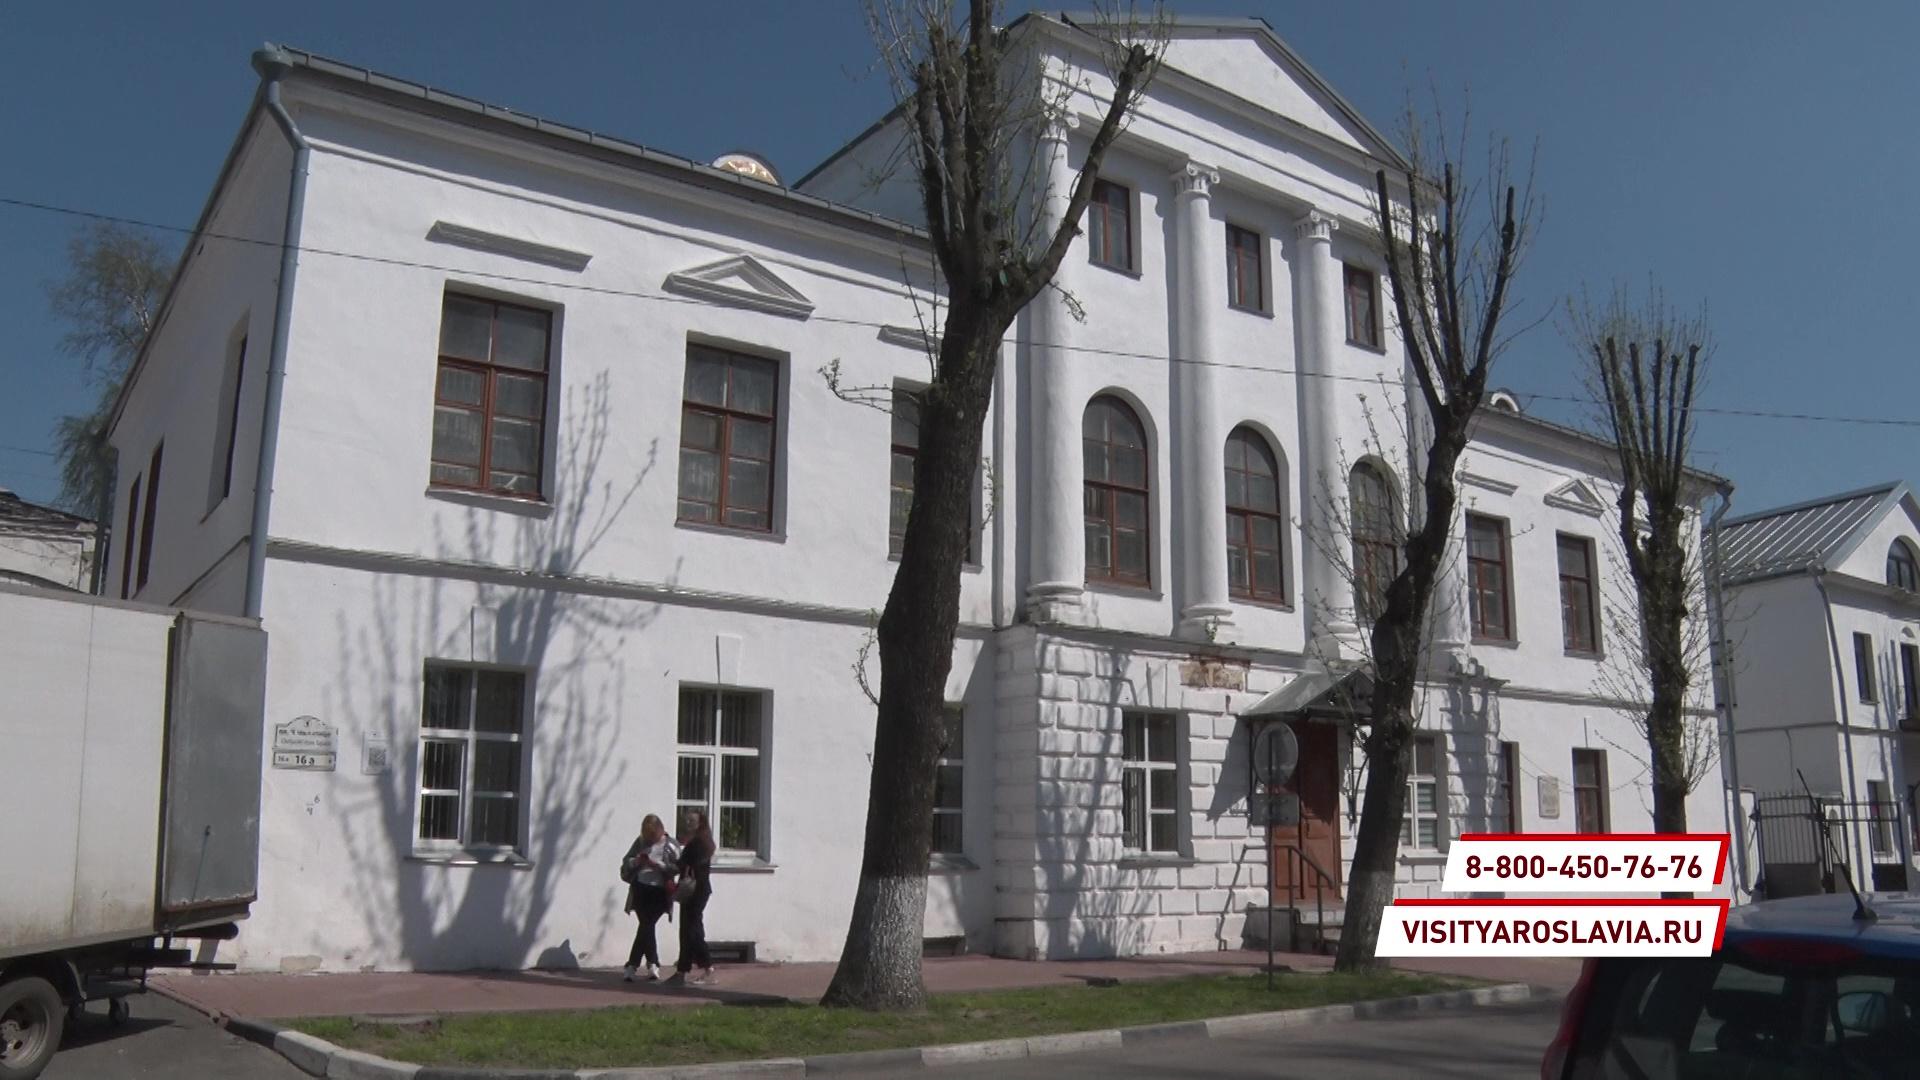 На 101 памятнике архитектуры в Ярославле появятся таблички с информацией о них